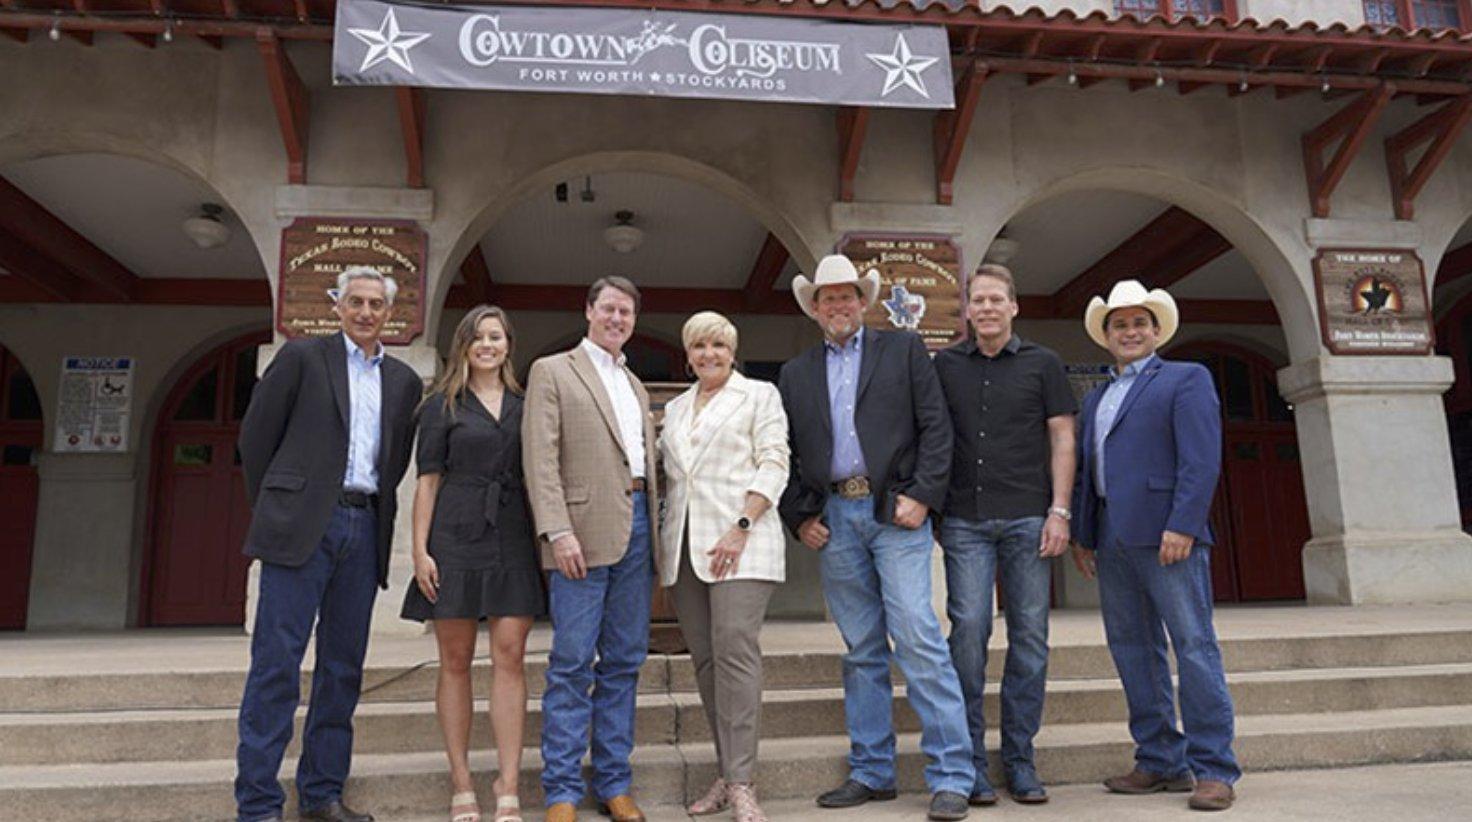 CowtownColiseum